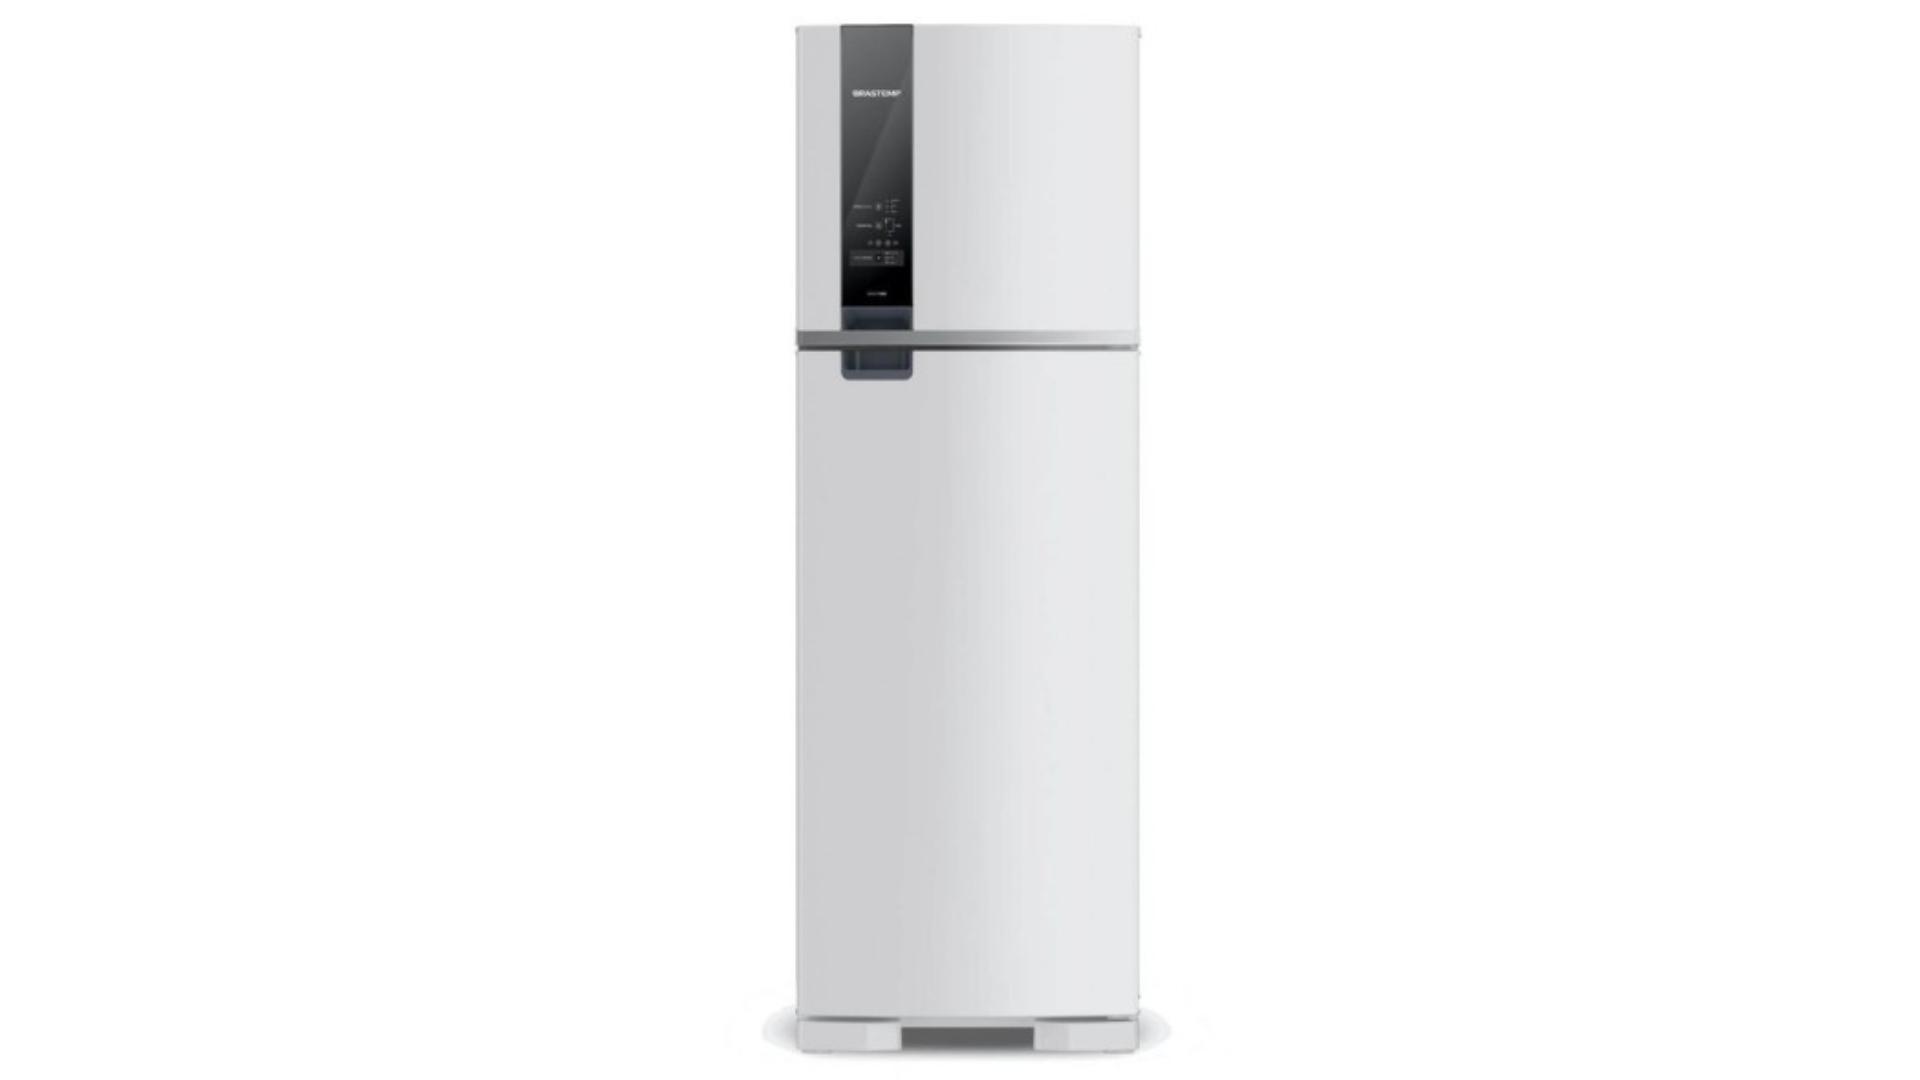 Veja se vale a pena comprar a geladeira Brastemp BRM54HB! (Imagem: Divulgação/Brastemp)